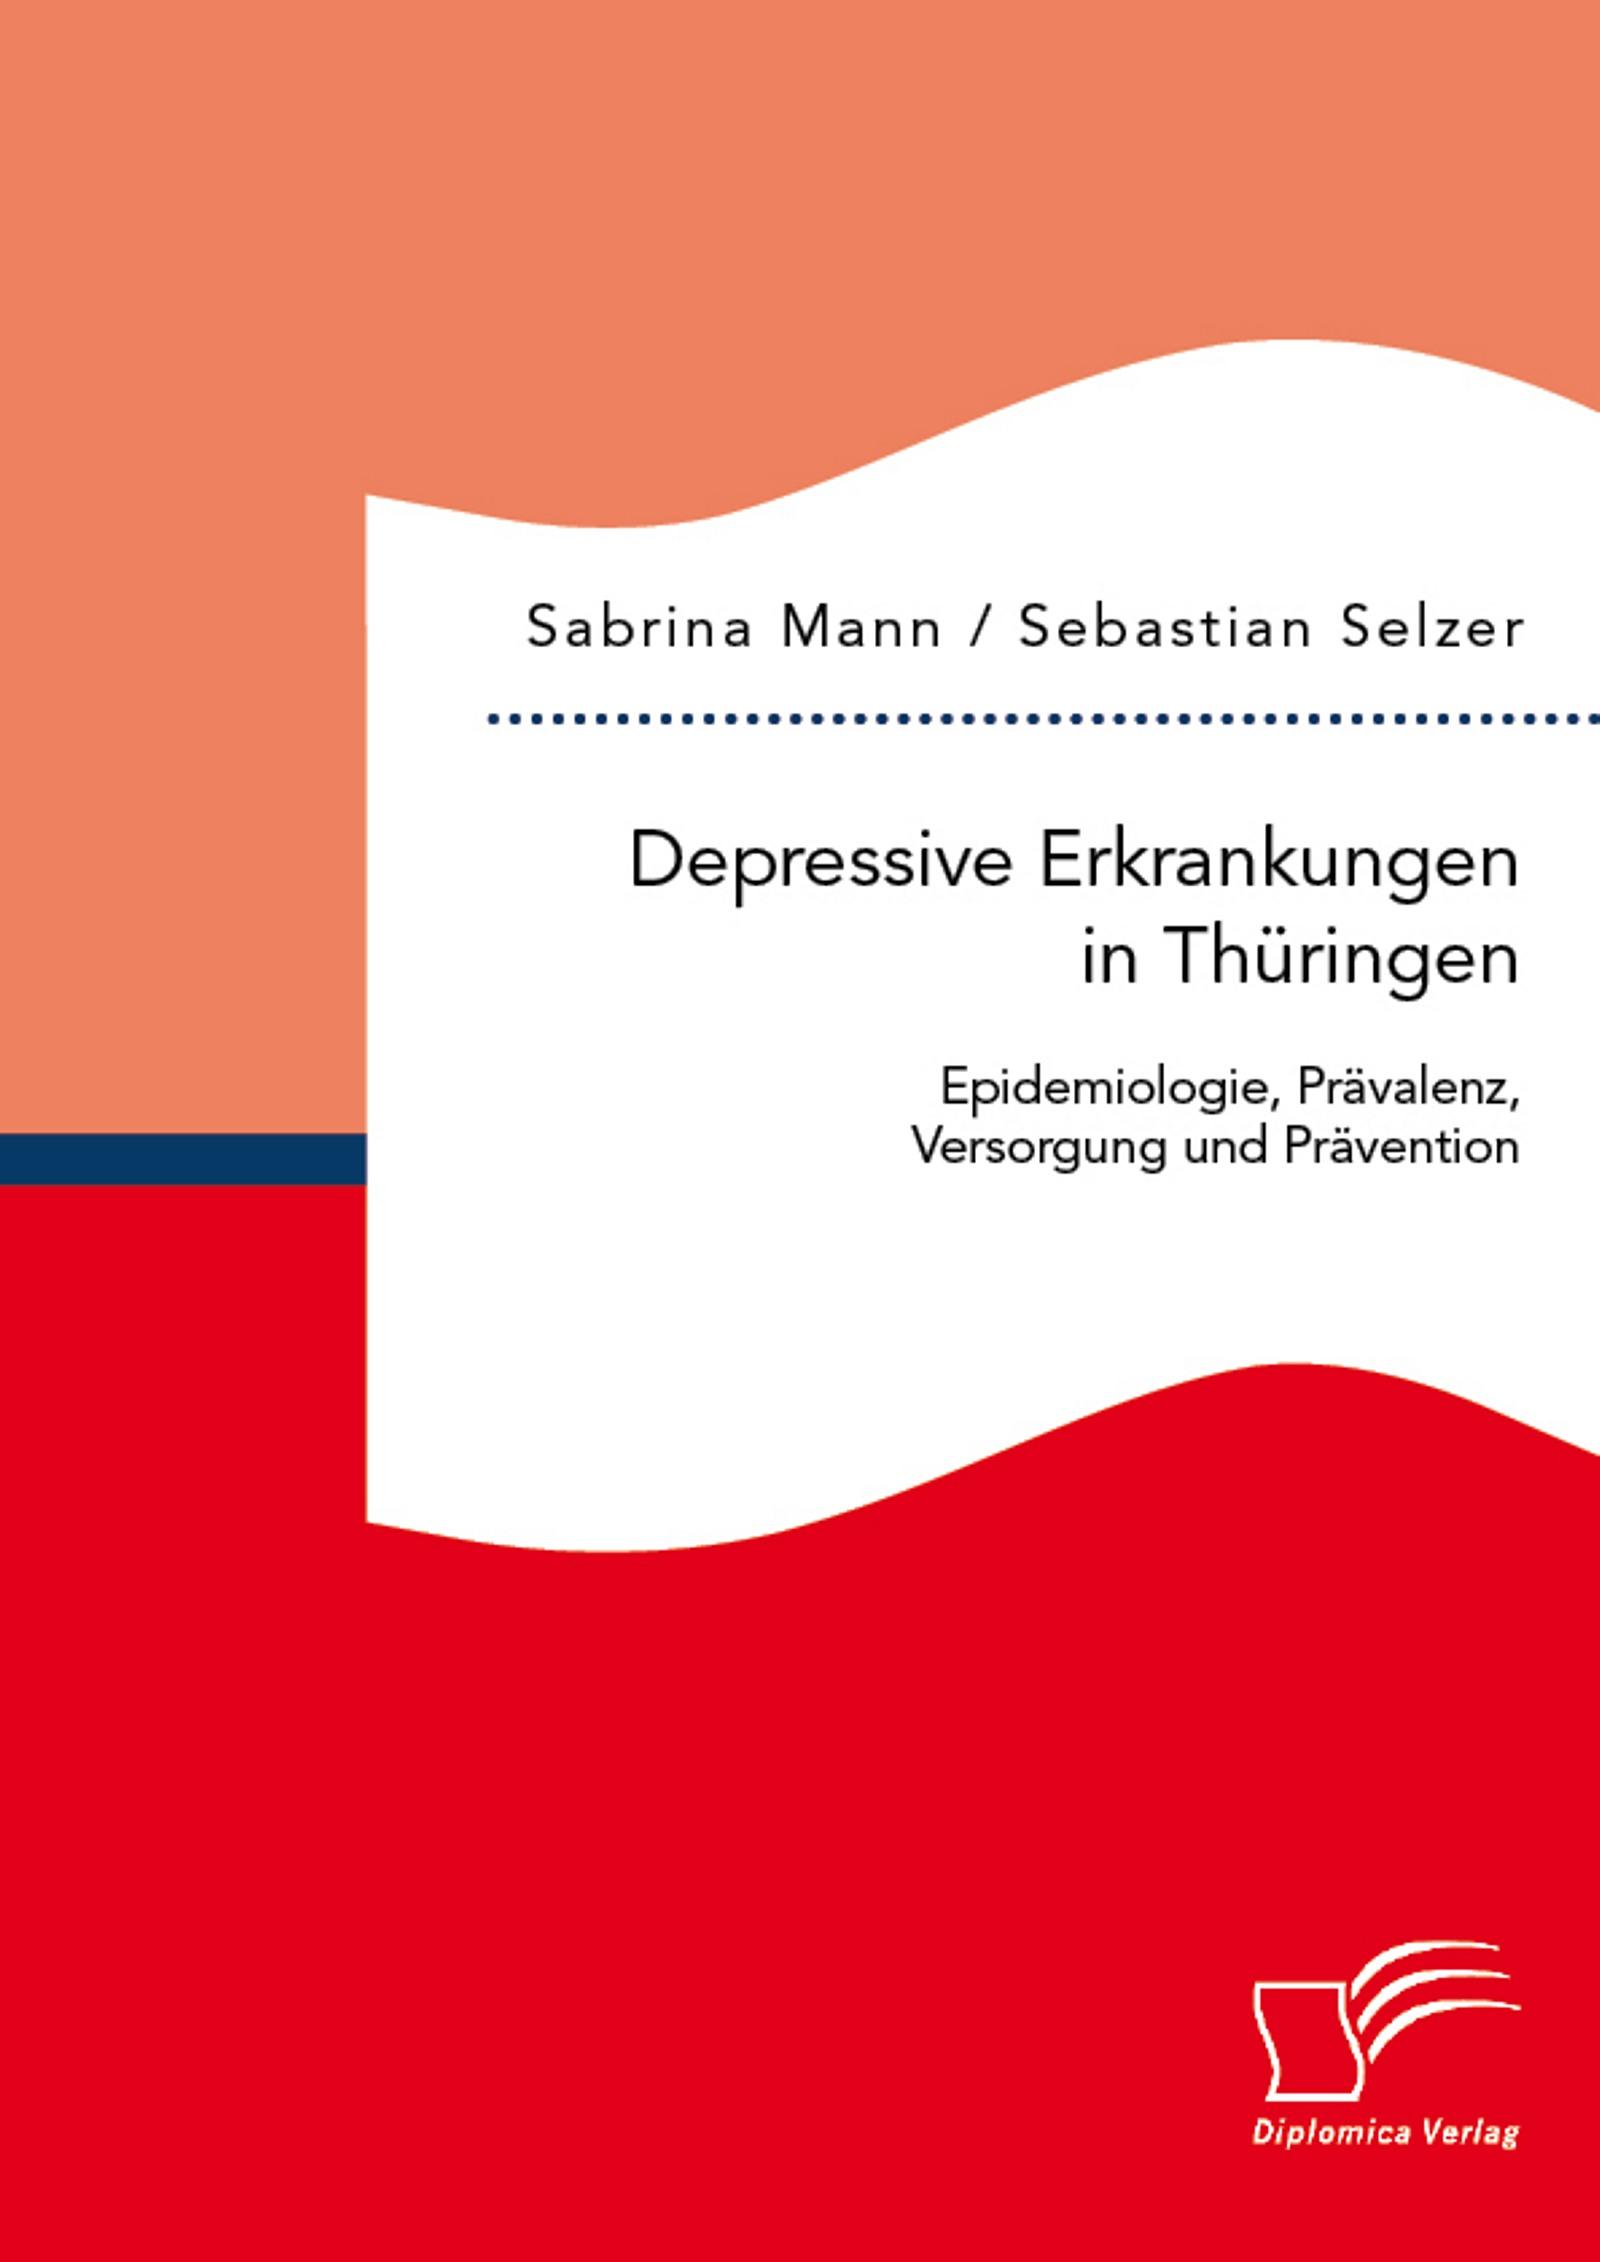 Depressive Erkrankungen in Thüringen: Epidemiologie, Prävalenz ...